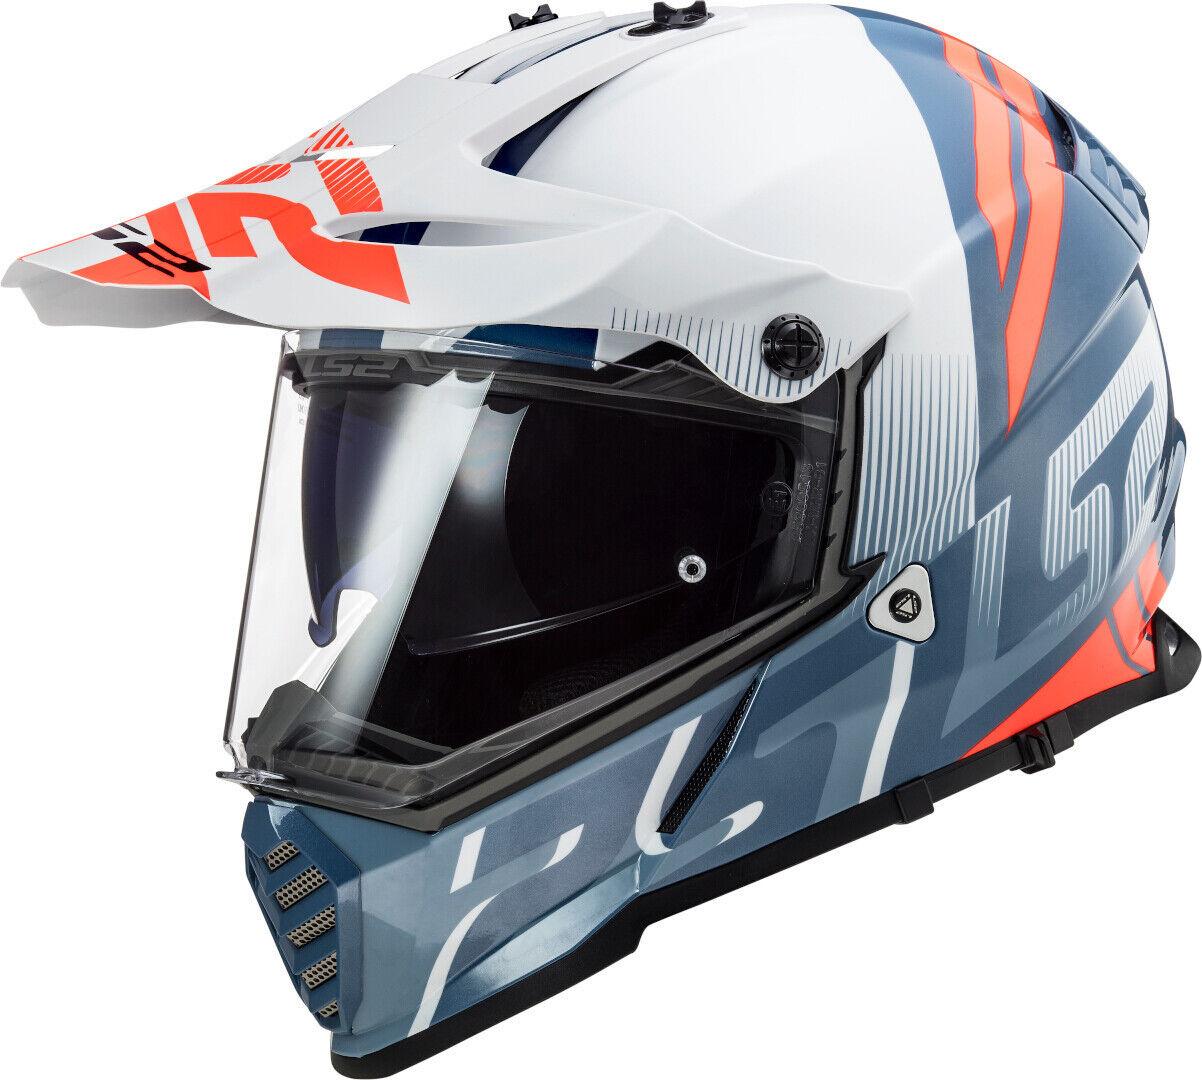 ls2 mx436 pioneer evo evolve motocross helmet white